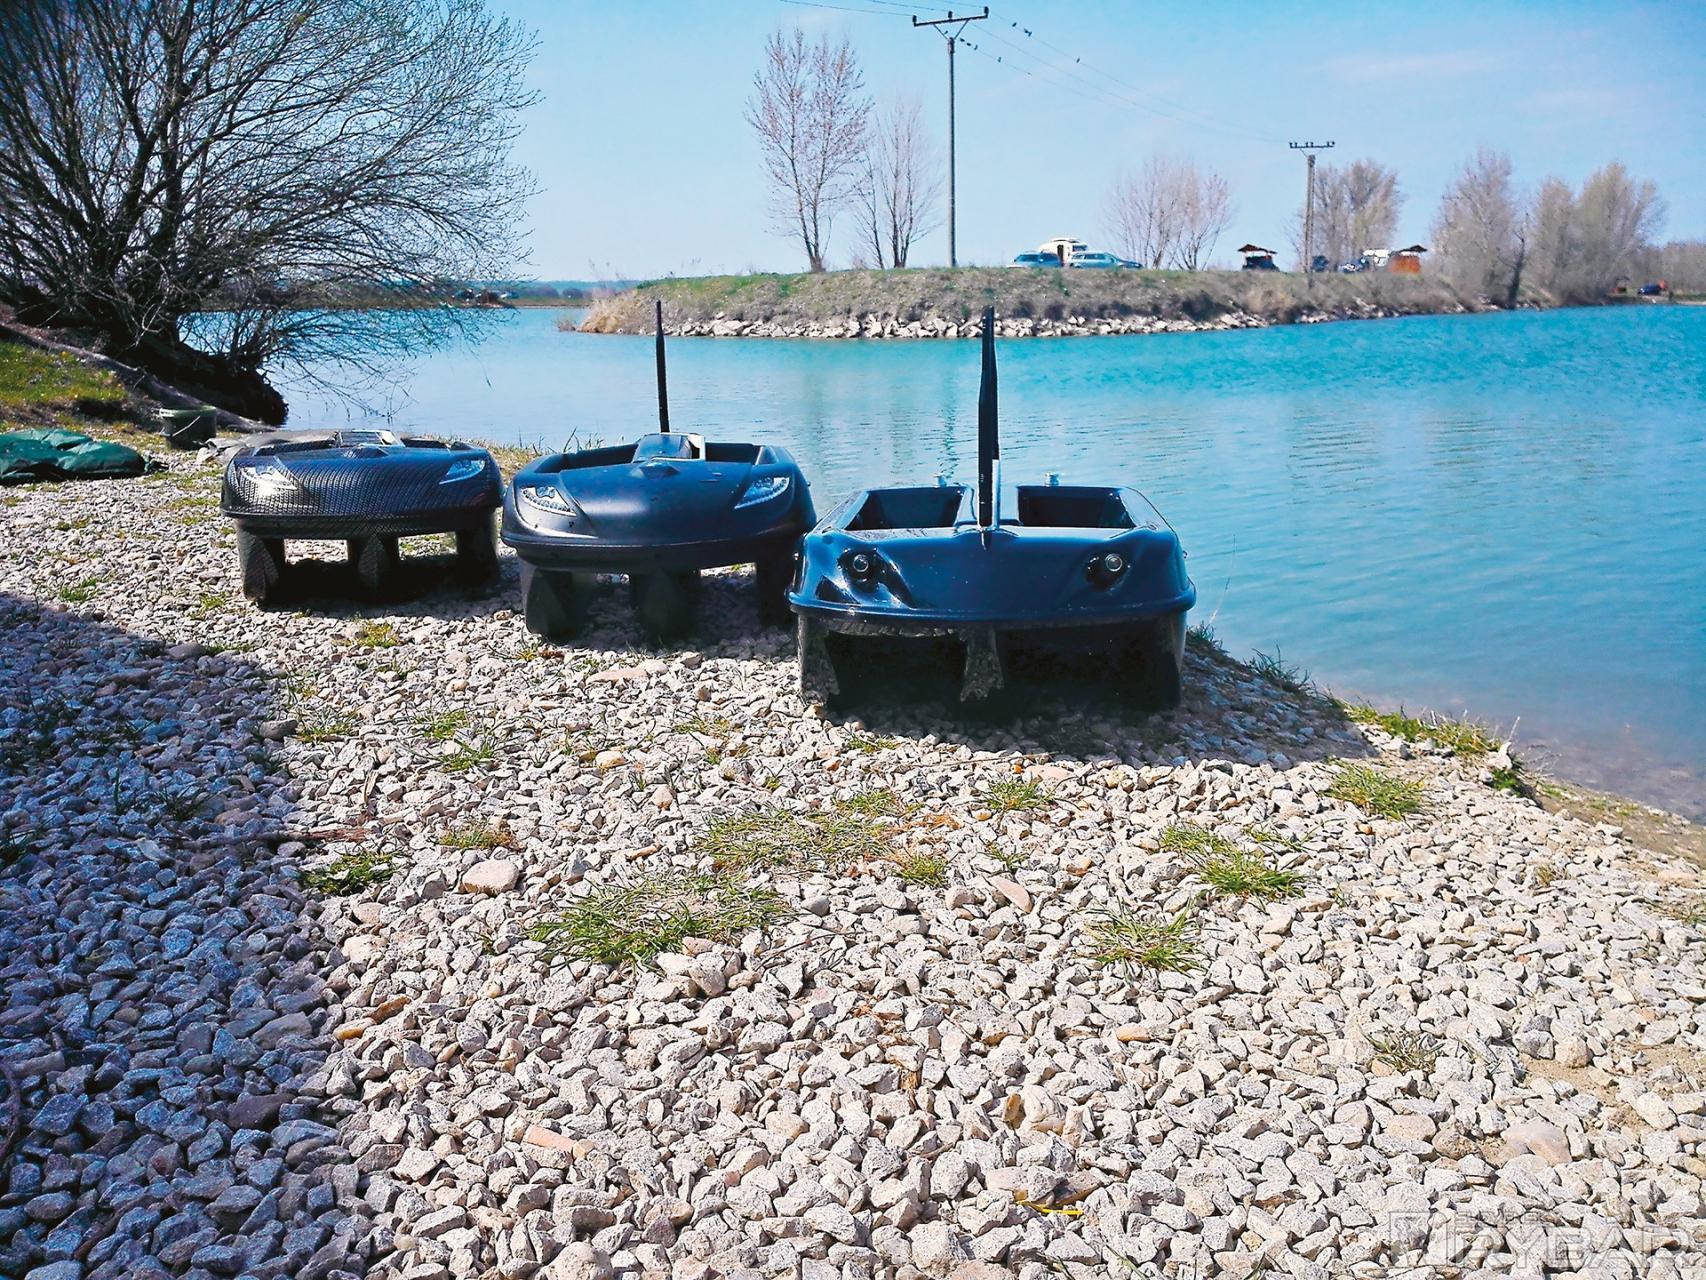 Seriál o zavážacích loďkách, 1. časť 1